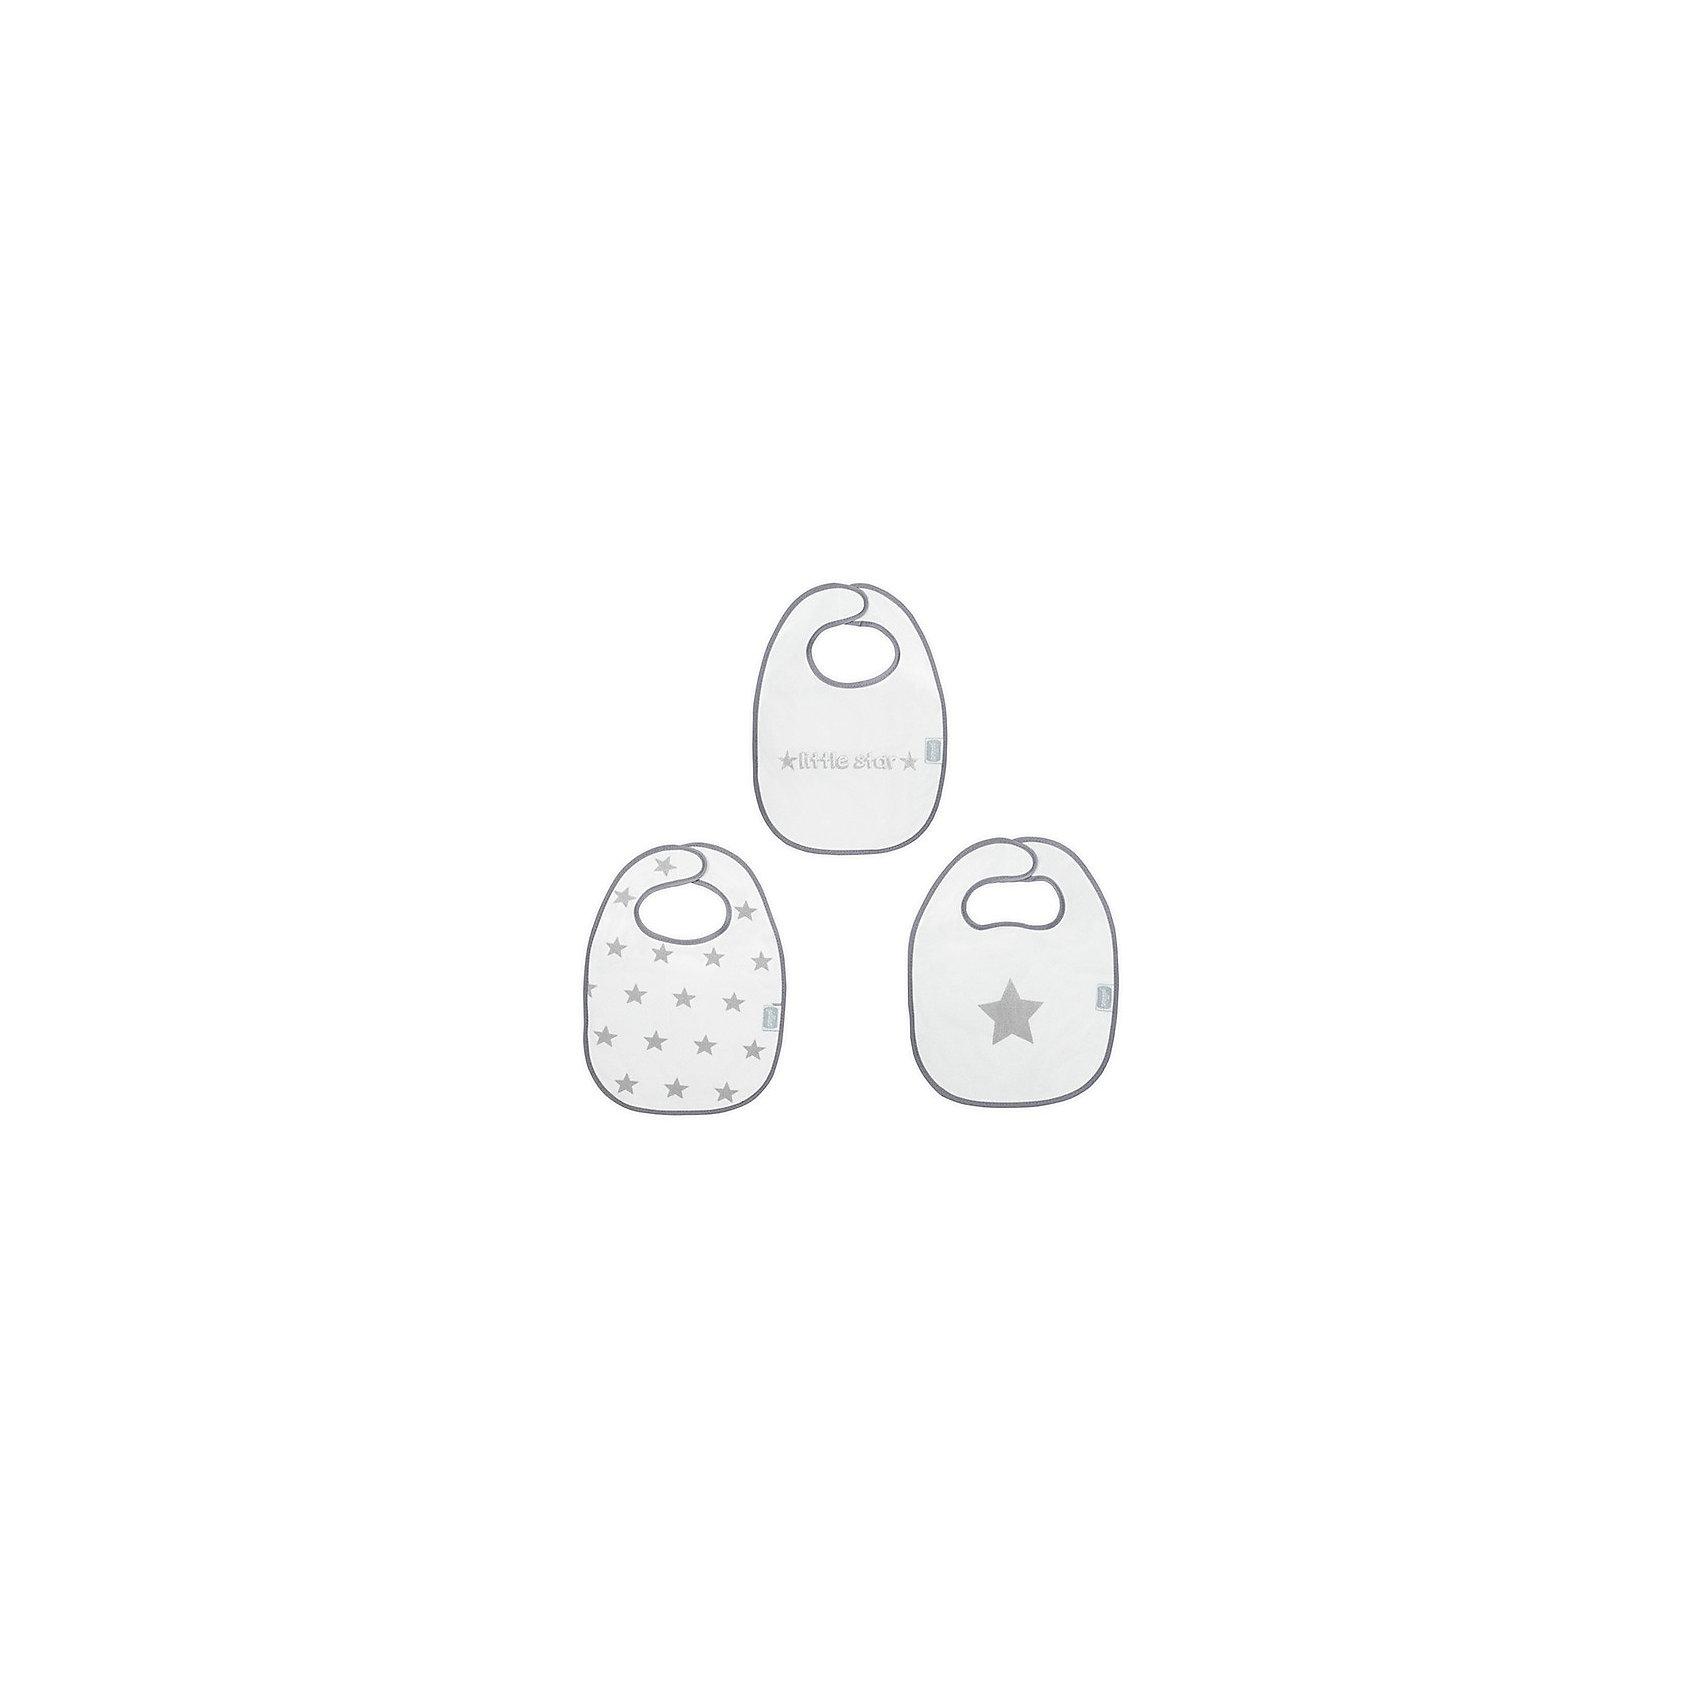 Комплект махровых нагрудников, 3 шт, Jollein, Little star greyНагрудники Jollein замечательно защищают одежду от грязи. Сделаны из мягкой махровой ткани, хорошо дышат, поэтому можно носить долгое время. Промокают.<br><br>Ширина мм: 310<br>Глубина мм: 470<br>Высота мм: 10<br>Вес г: 300<br>Возраст от месяцев: 0<br>Возраст до месяцев: 36<br>Пол: Унисекс<br>Возраст: Детский<br>SKU: 5367108